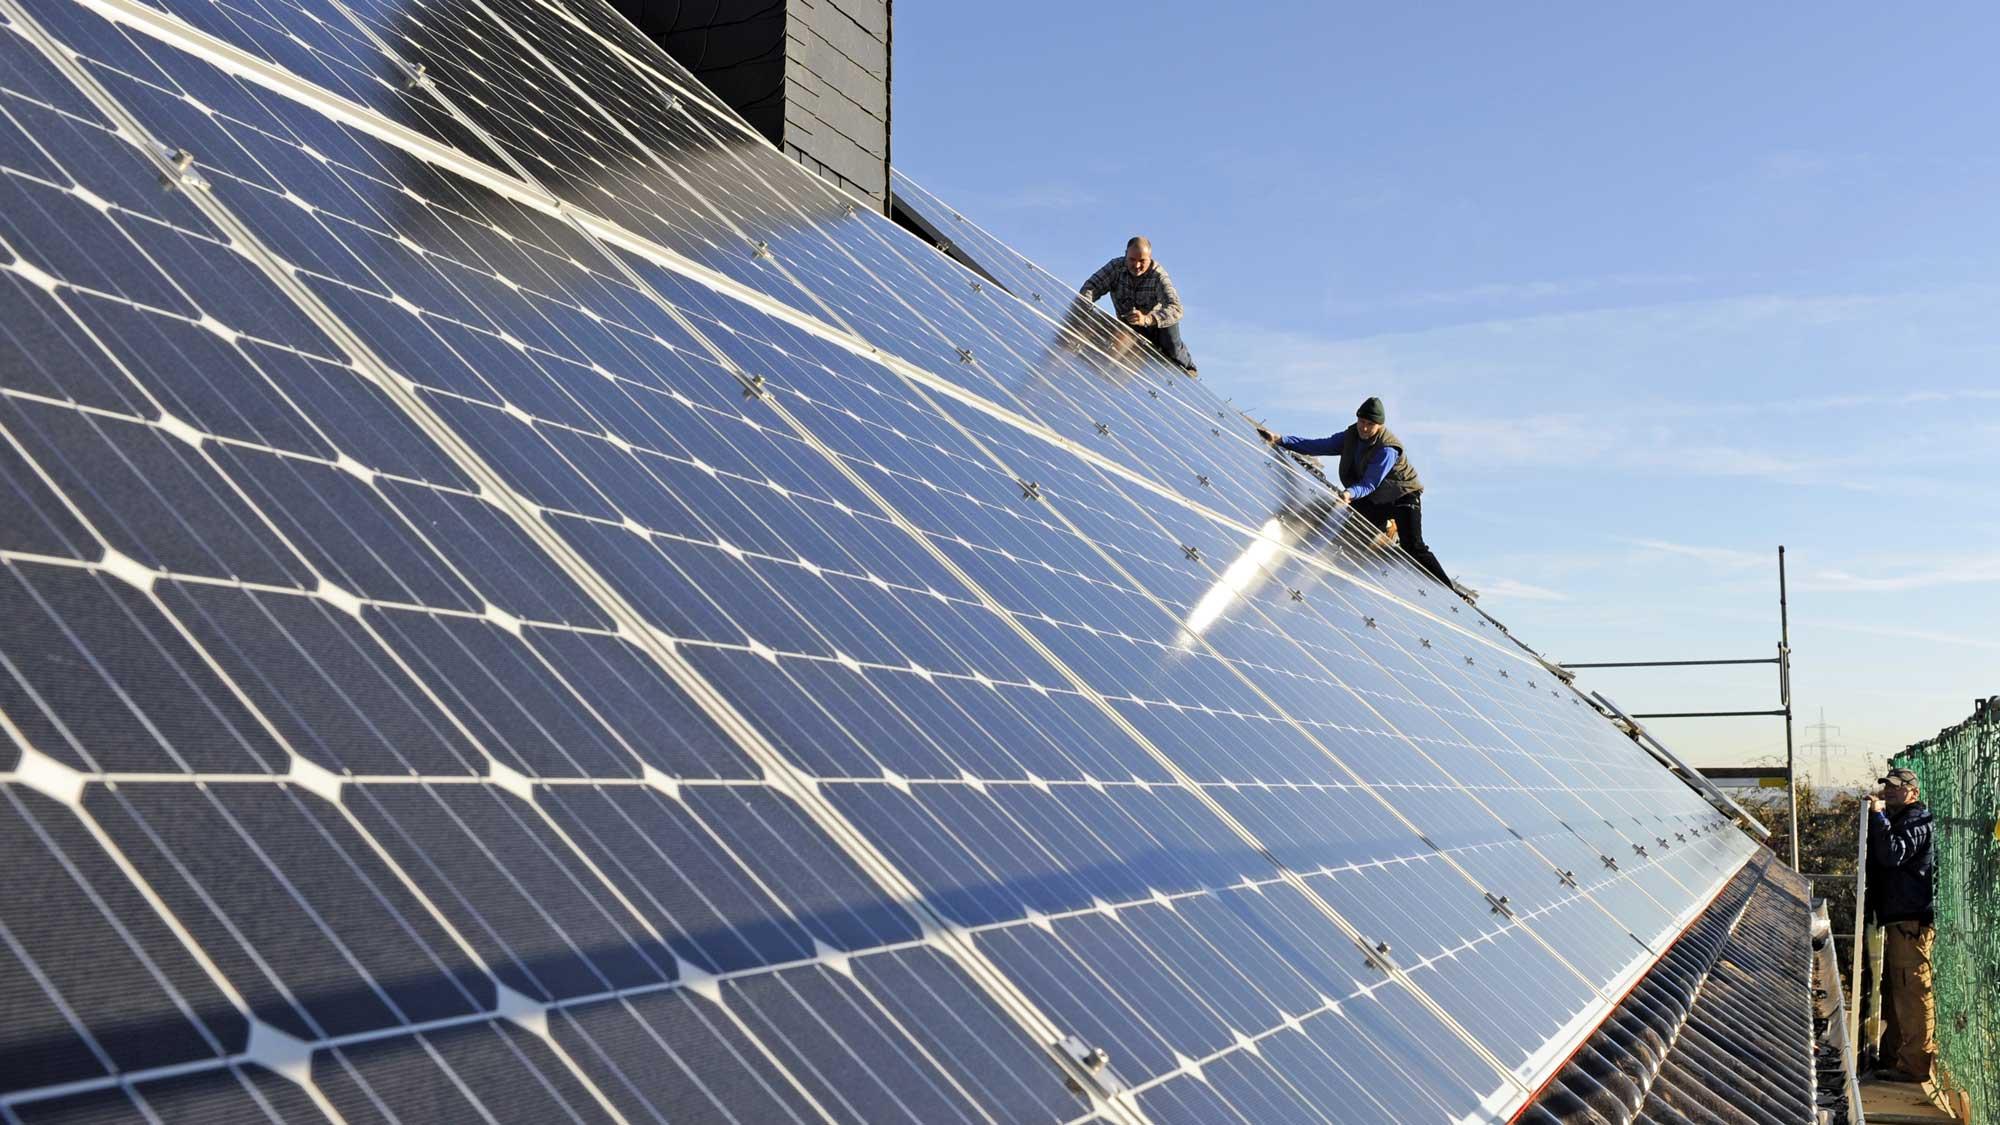 solarstrom vom eigenen dach bringt gute rendite